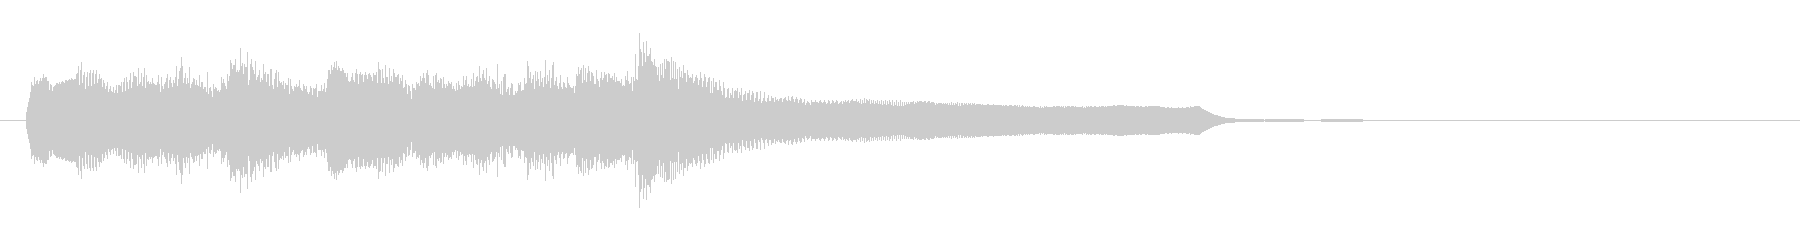 ポップで明るく可愛いアイキャッチ2の未再生の波形